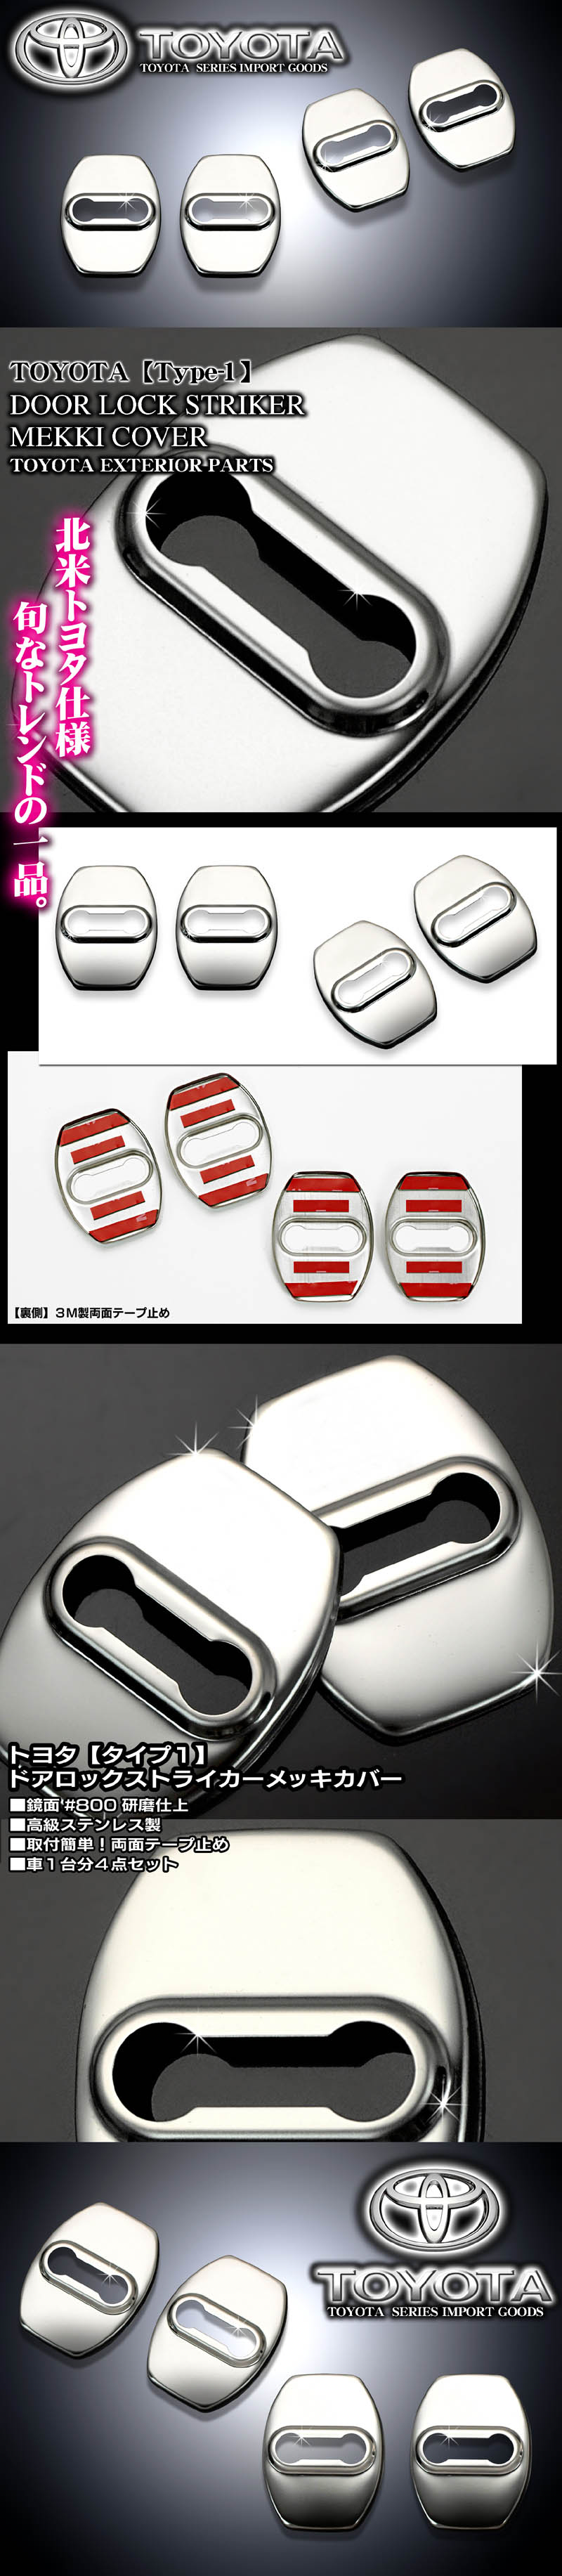 【トヨタ[タイプ1]汎用セダン・ワゴン・SUV・4WD】ドアロックストライカーメッキカバー4点セット